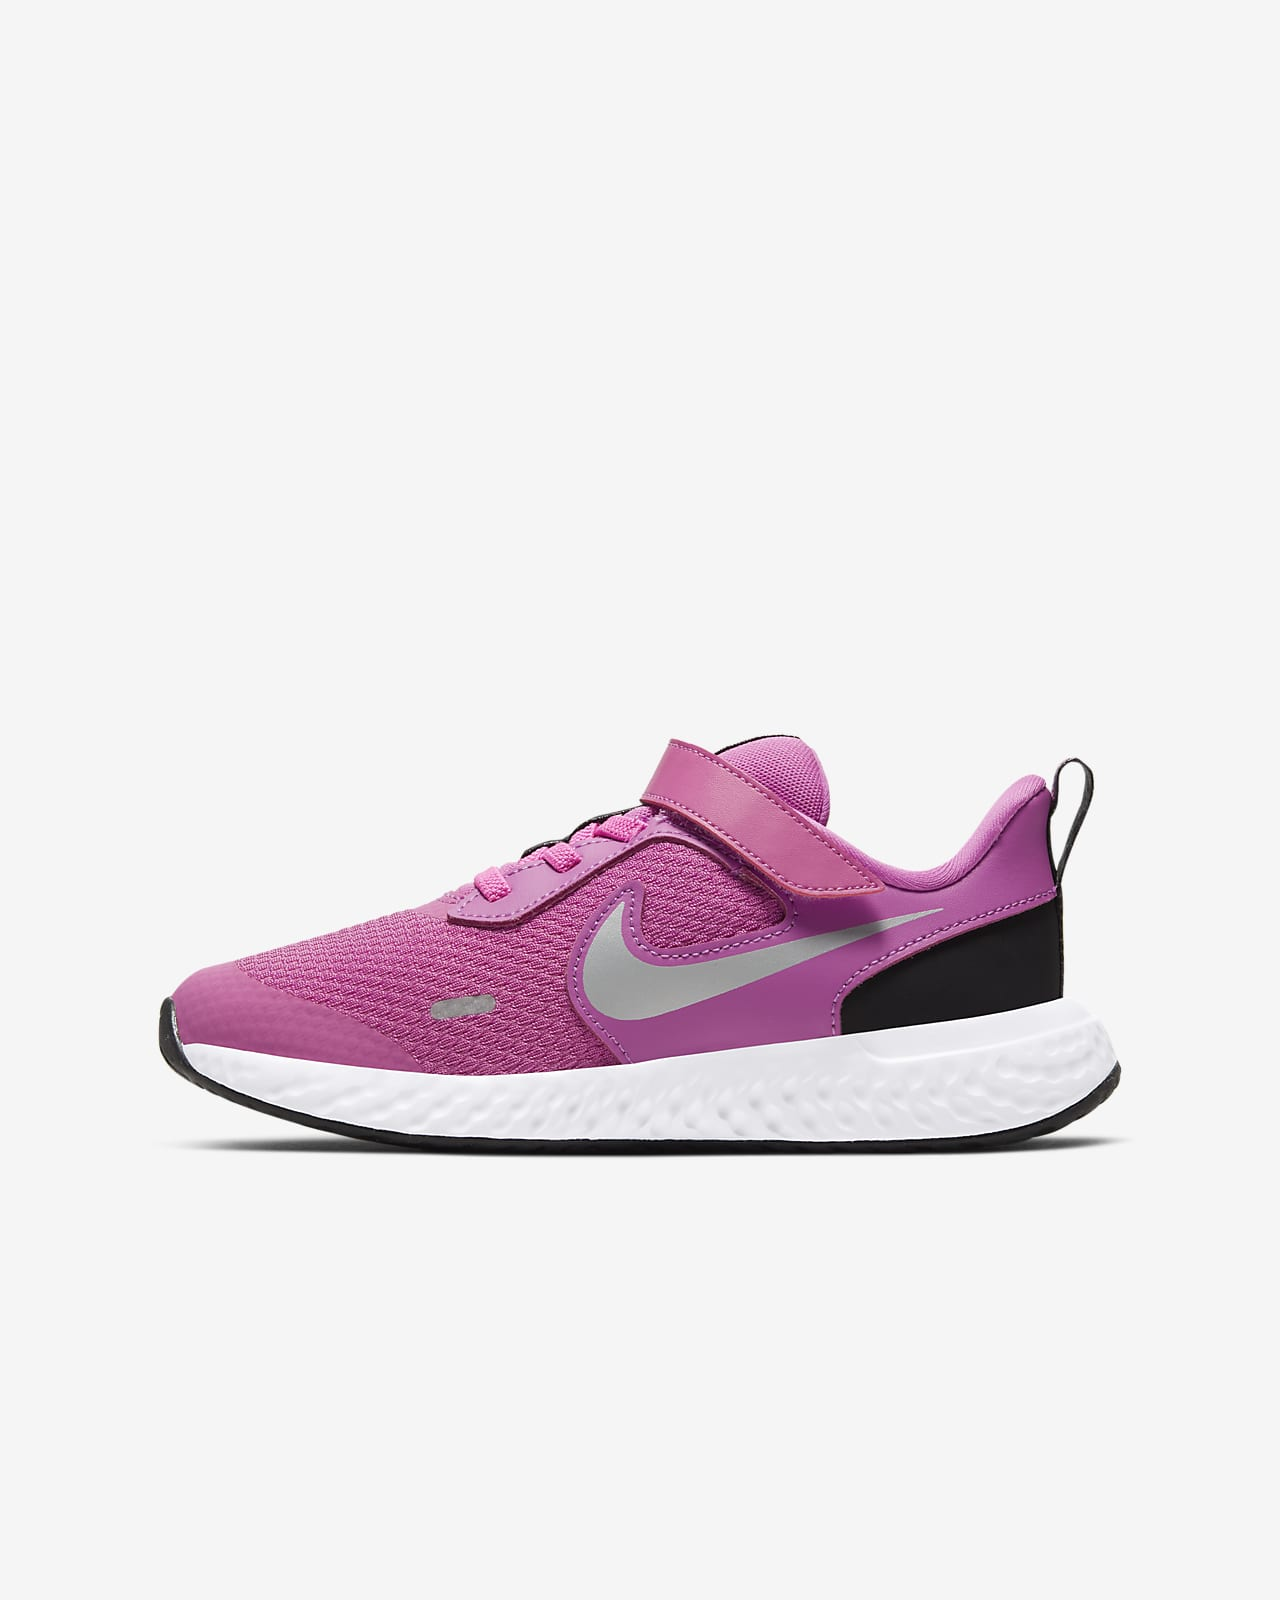 Little Kids' Shoe. Nike JP